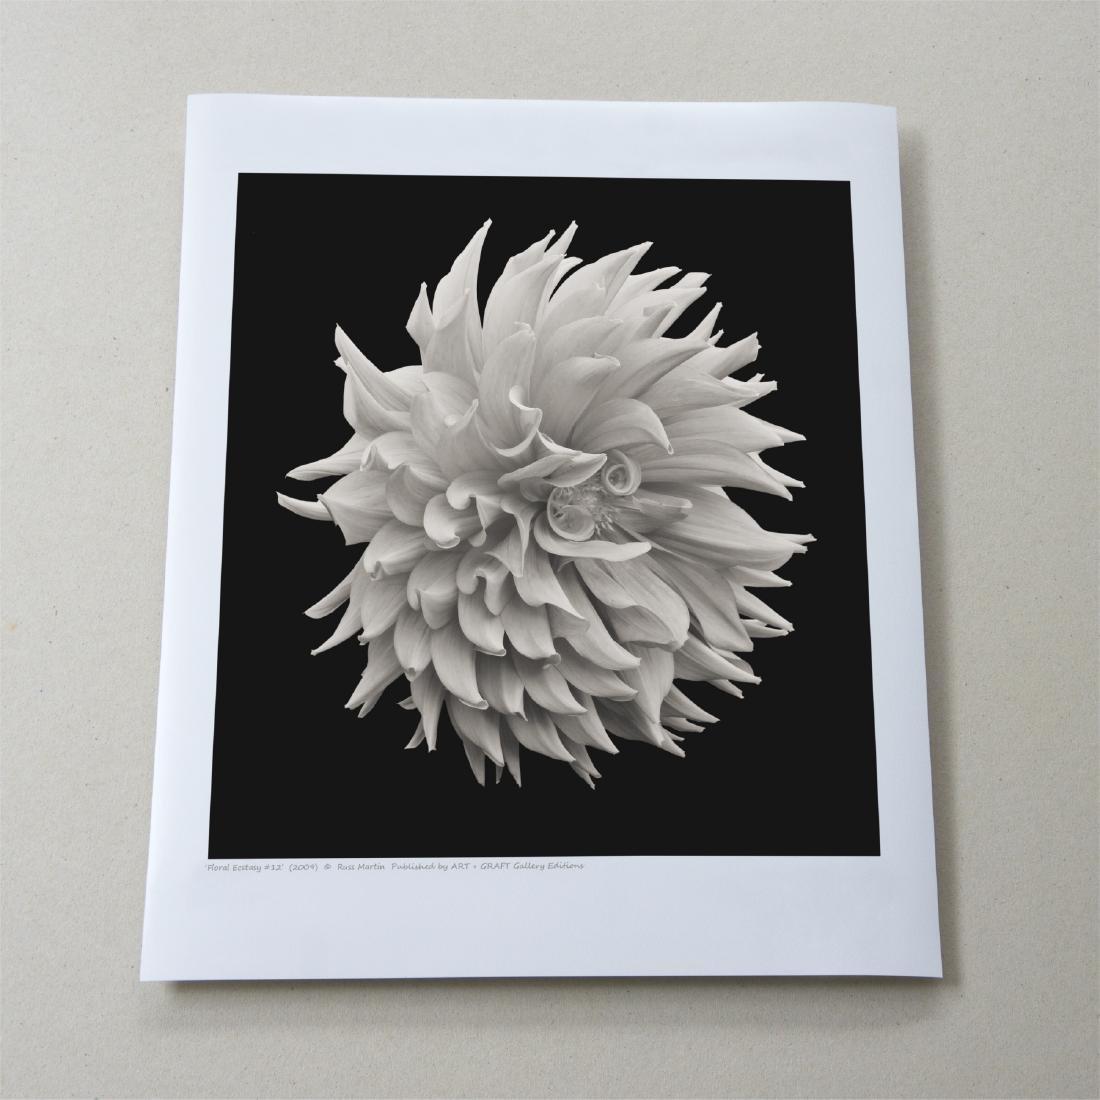 Russ Martin - Print - Floral Ecstasy #12 - 2